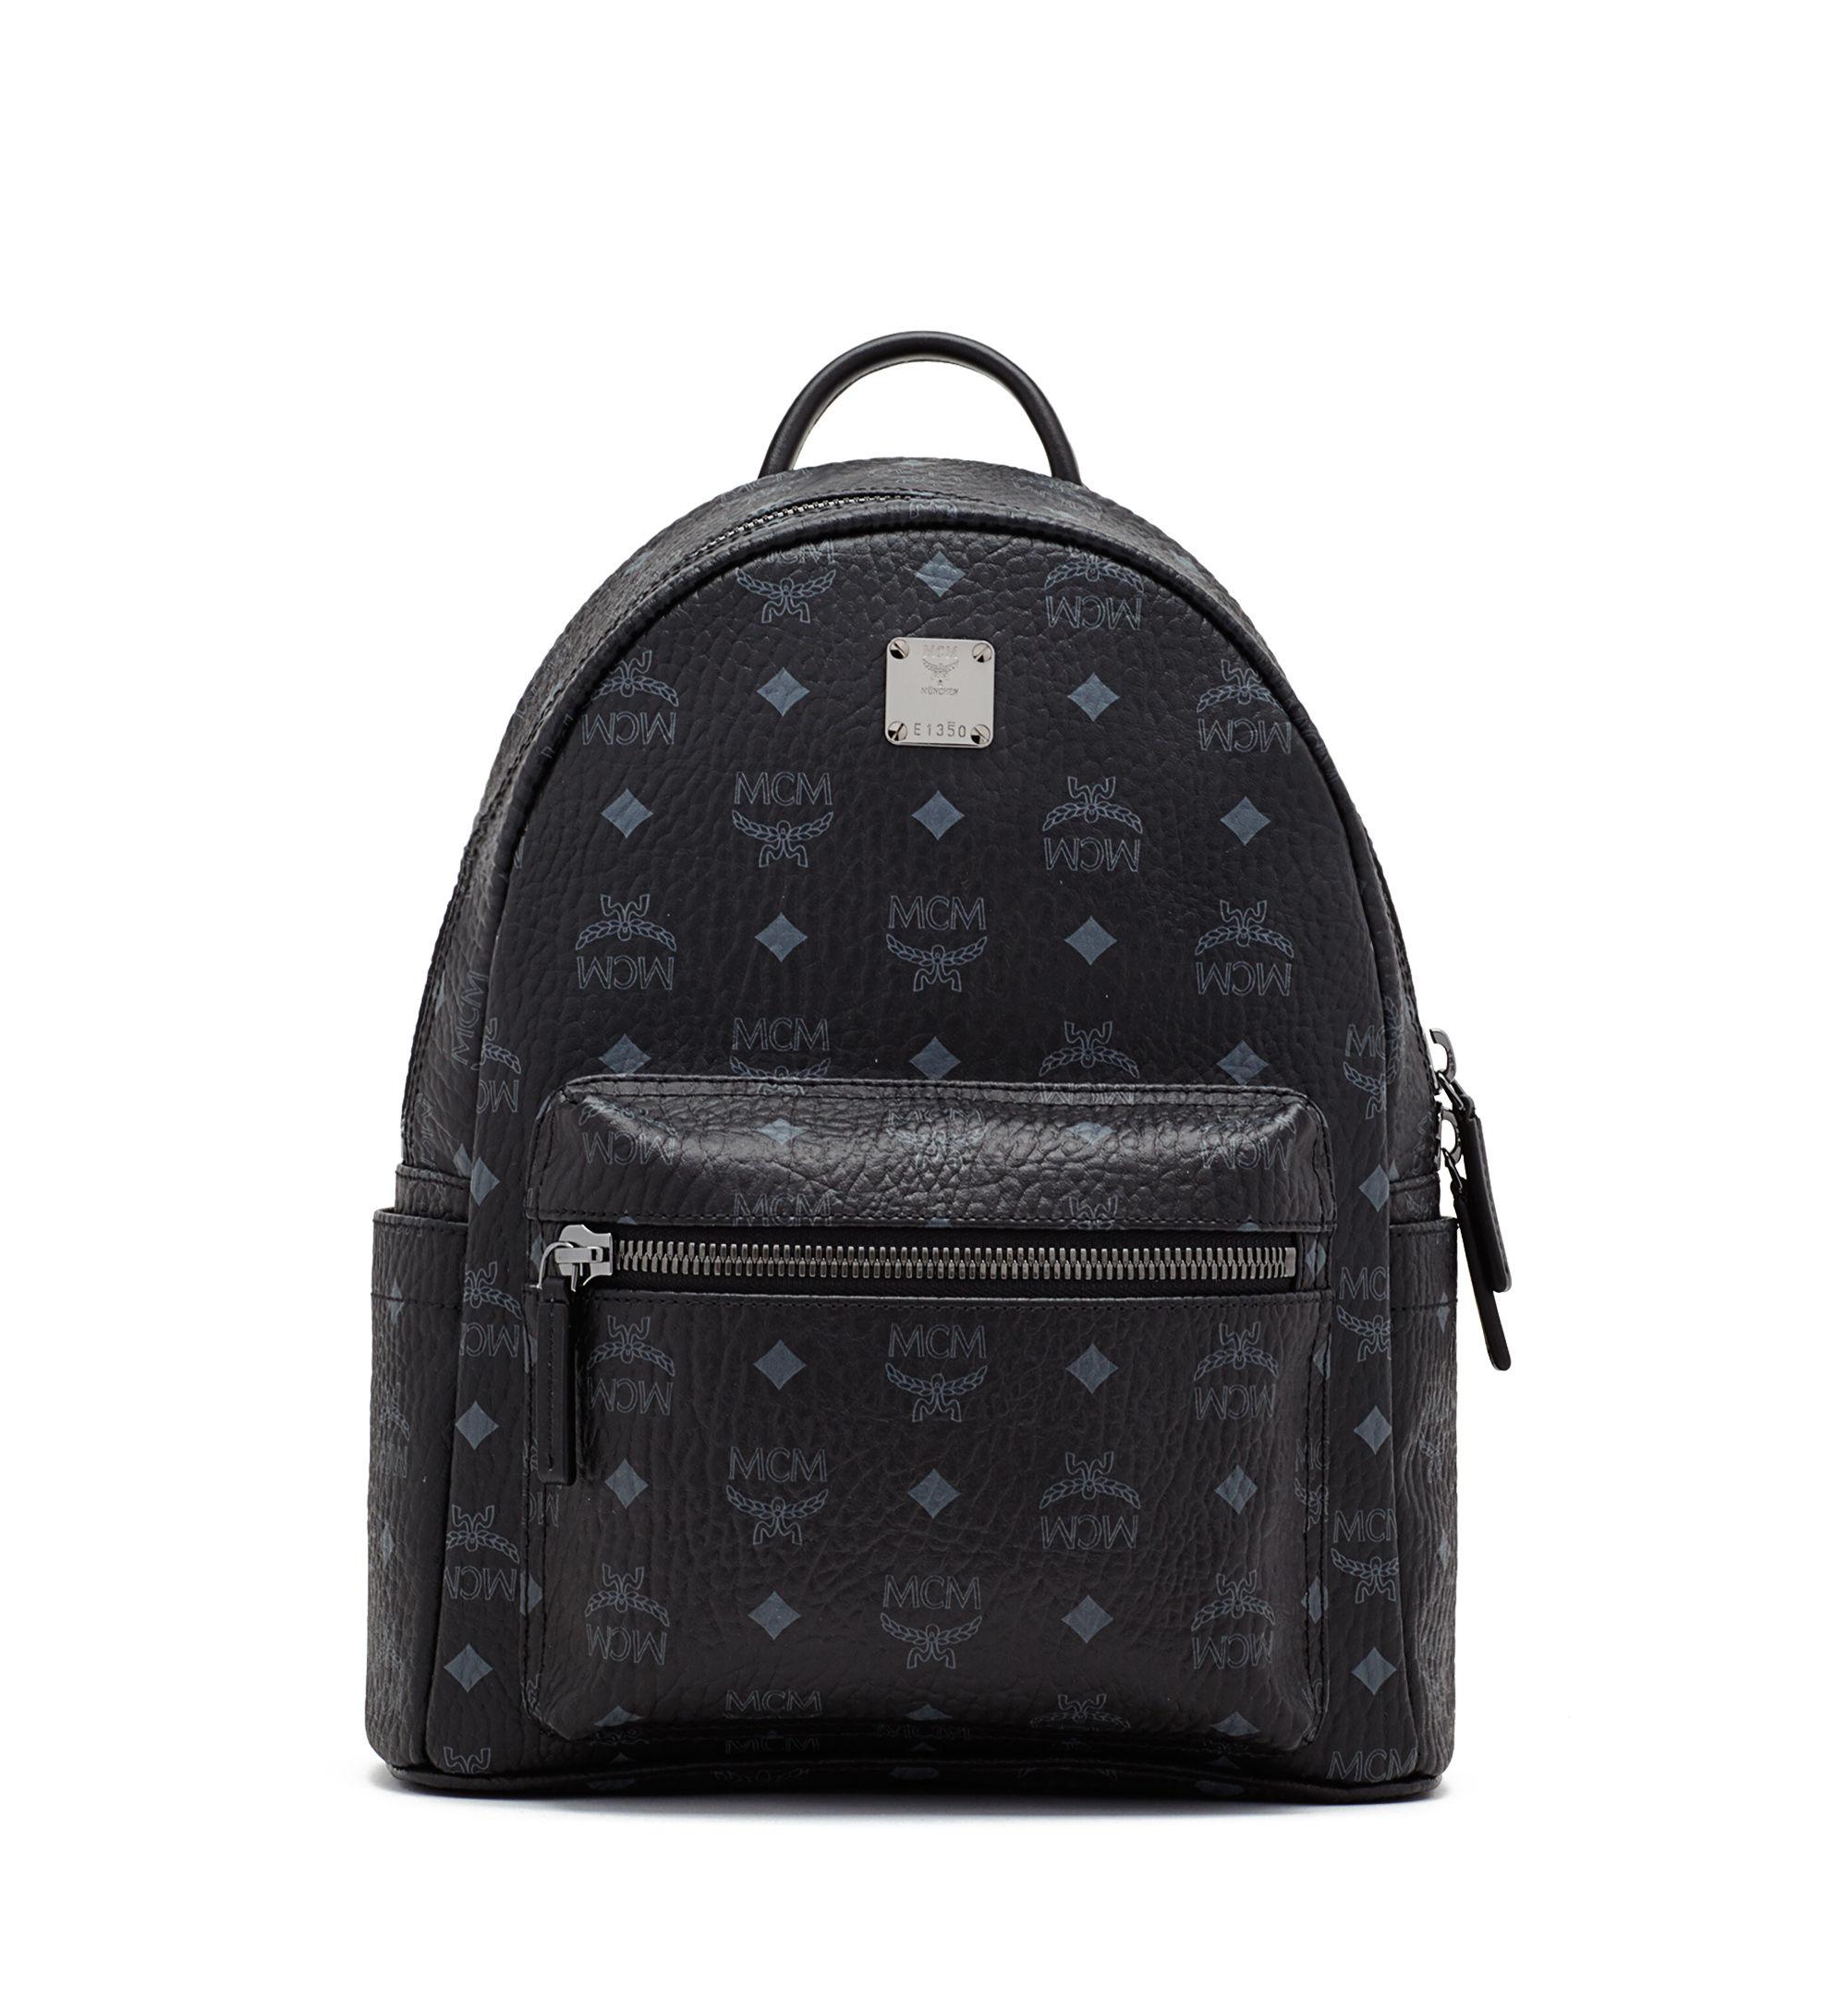 mcm stark backpack in black for men save 4 lyst. Black Bedroom Furniture Sets. Home Design Ideas